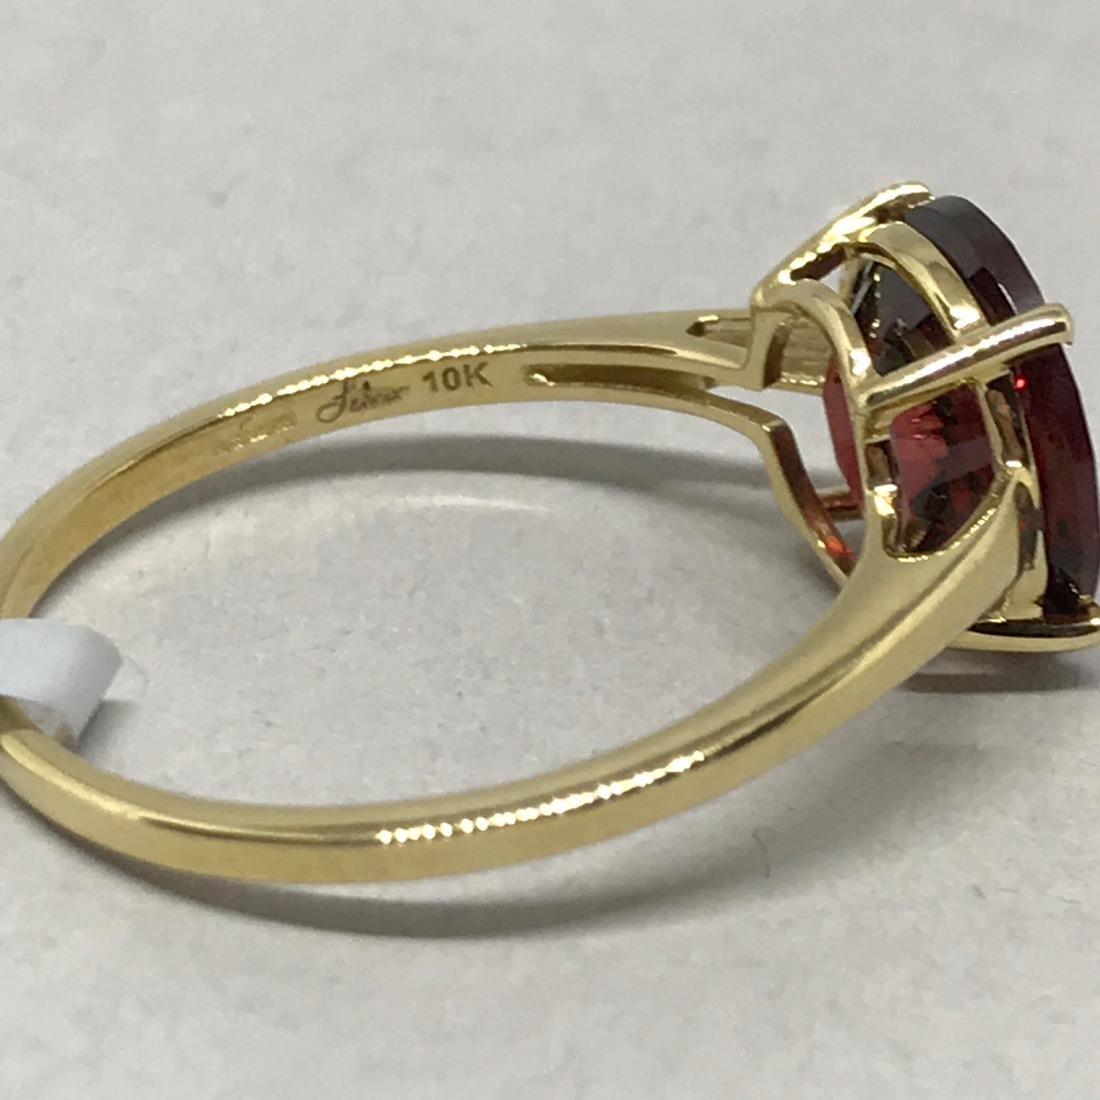 10 Kt Gold Ring w Cognac Topaz Glenn Lehrer - 5